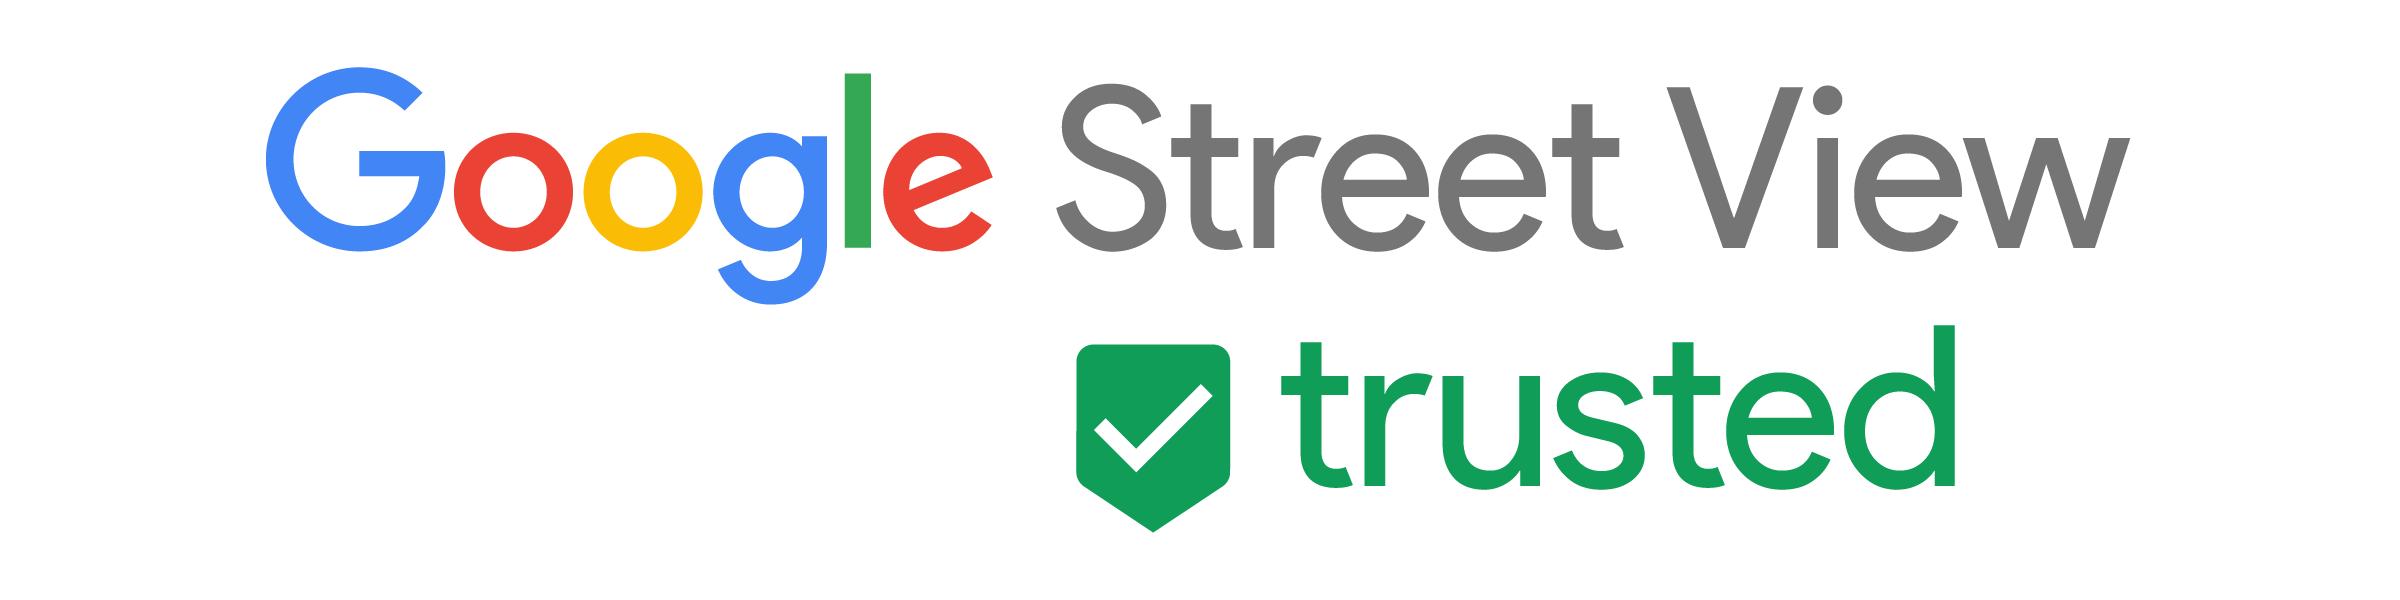 Googleストリートビュー 認定プログラム